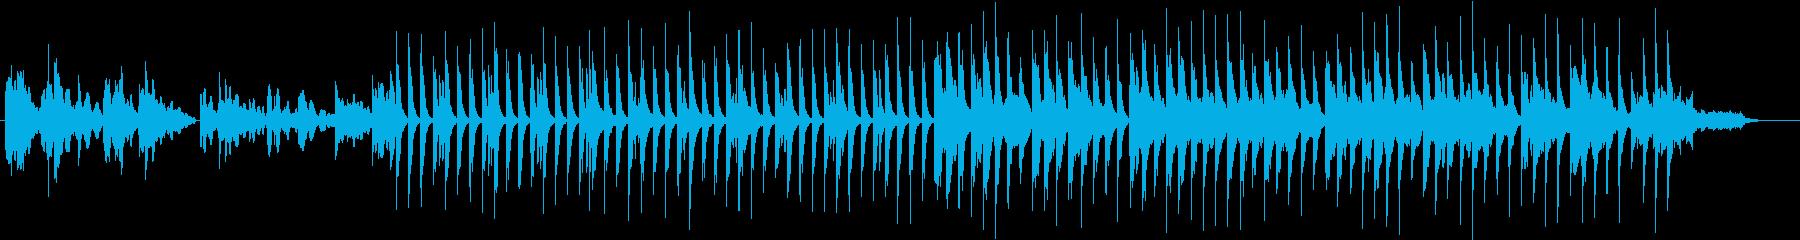 怪しげで冷たげなエレピとグロッケンの曲の再生済みの波形